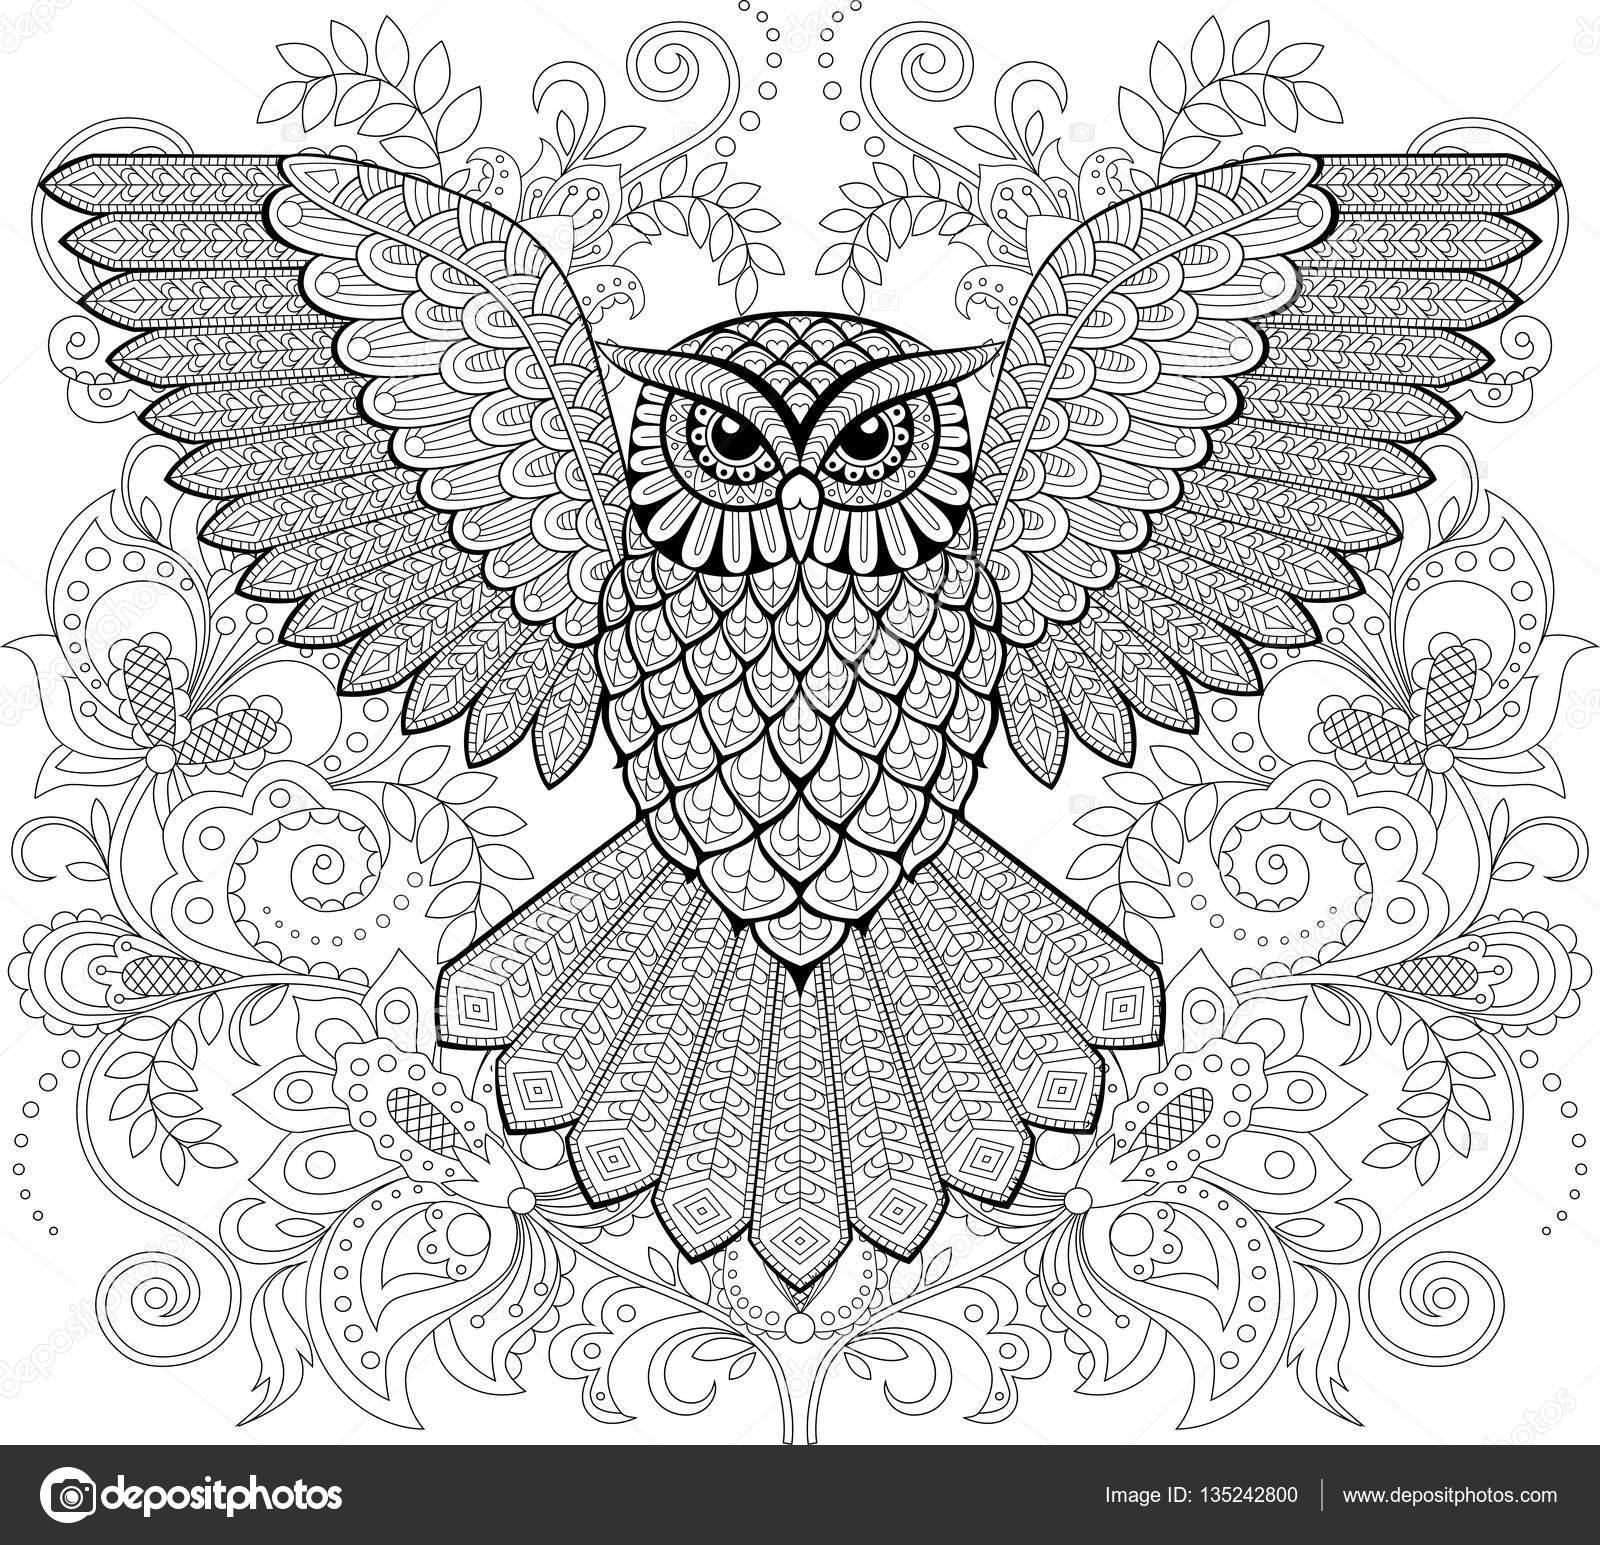 Kleurplaten Mandala Leeuw.Geniaal Mandala Kleurplaten Voor Volwassenen Uil Klupaats Website